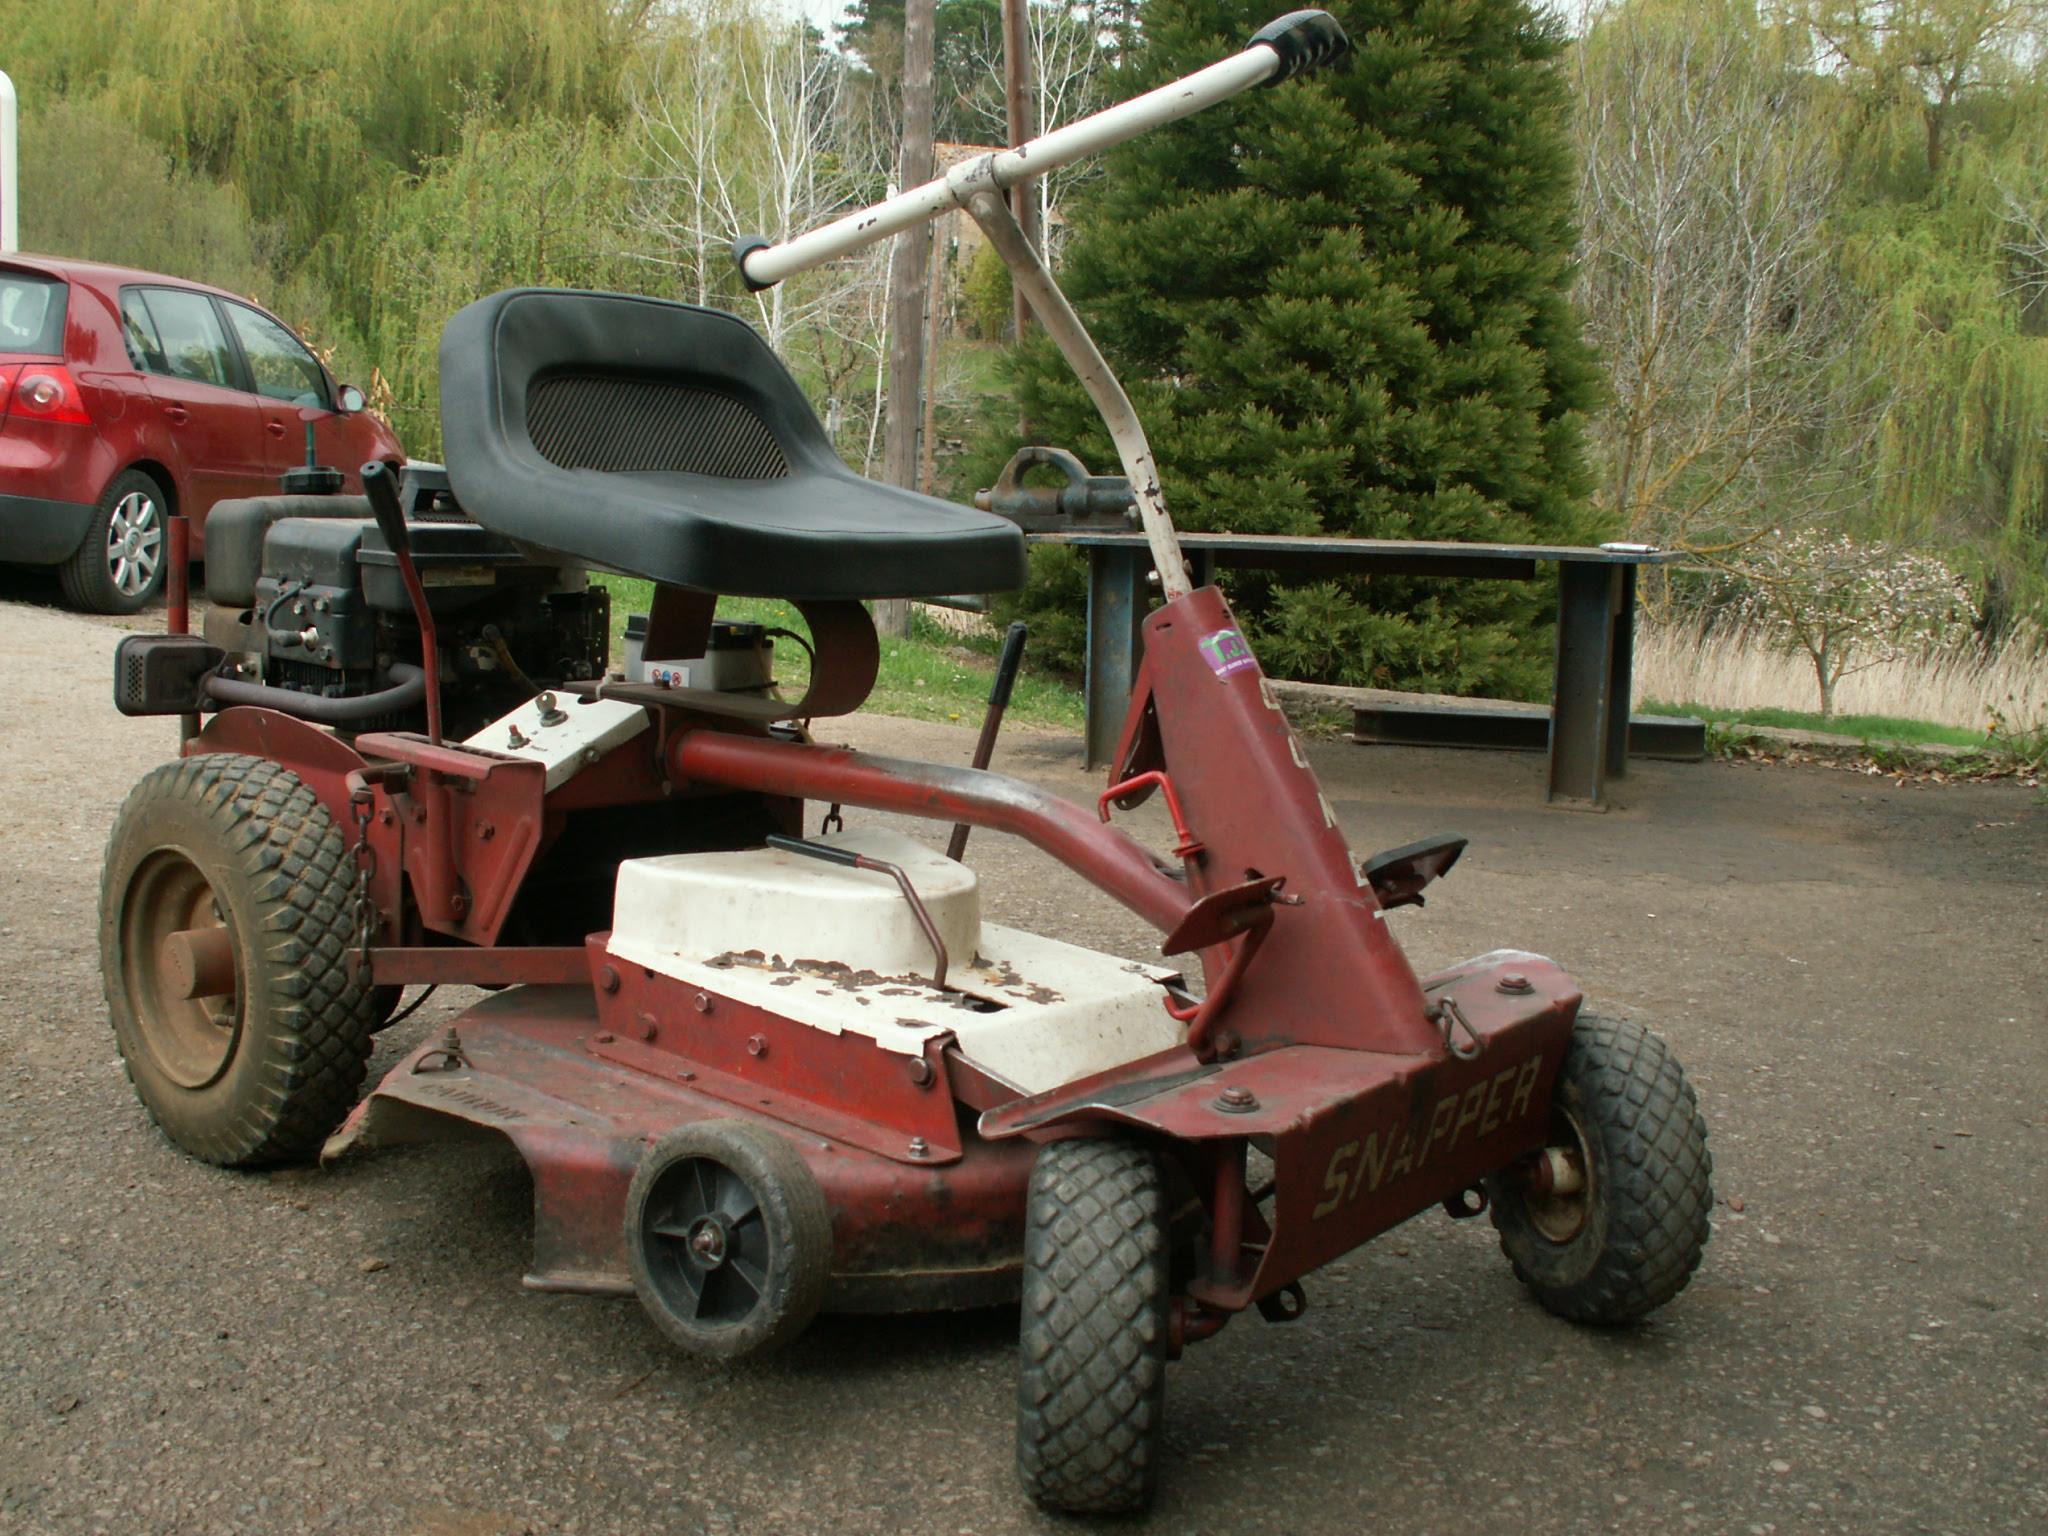 C mo decorar la casa tractores cortacesped ocasion - Precios de cortacesped ...